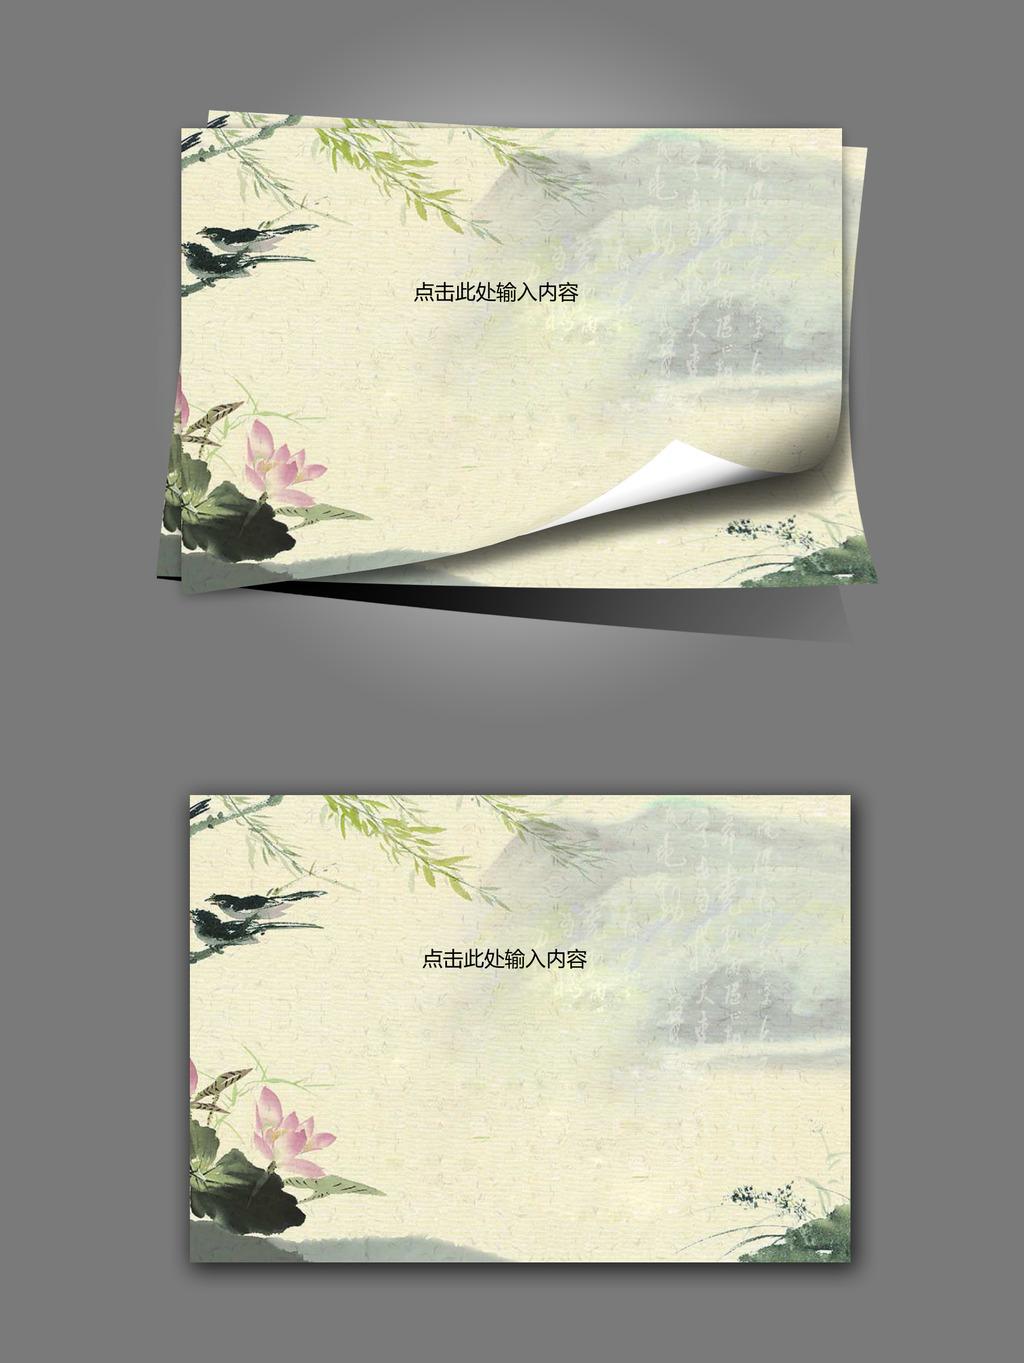 中国风信纸模板图片下载